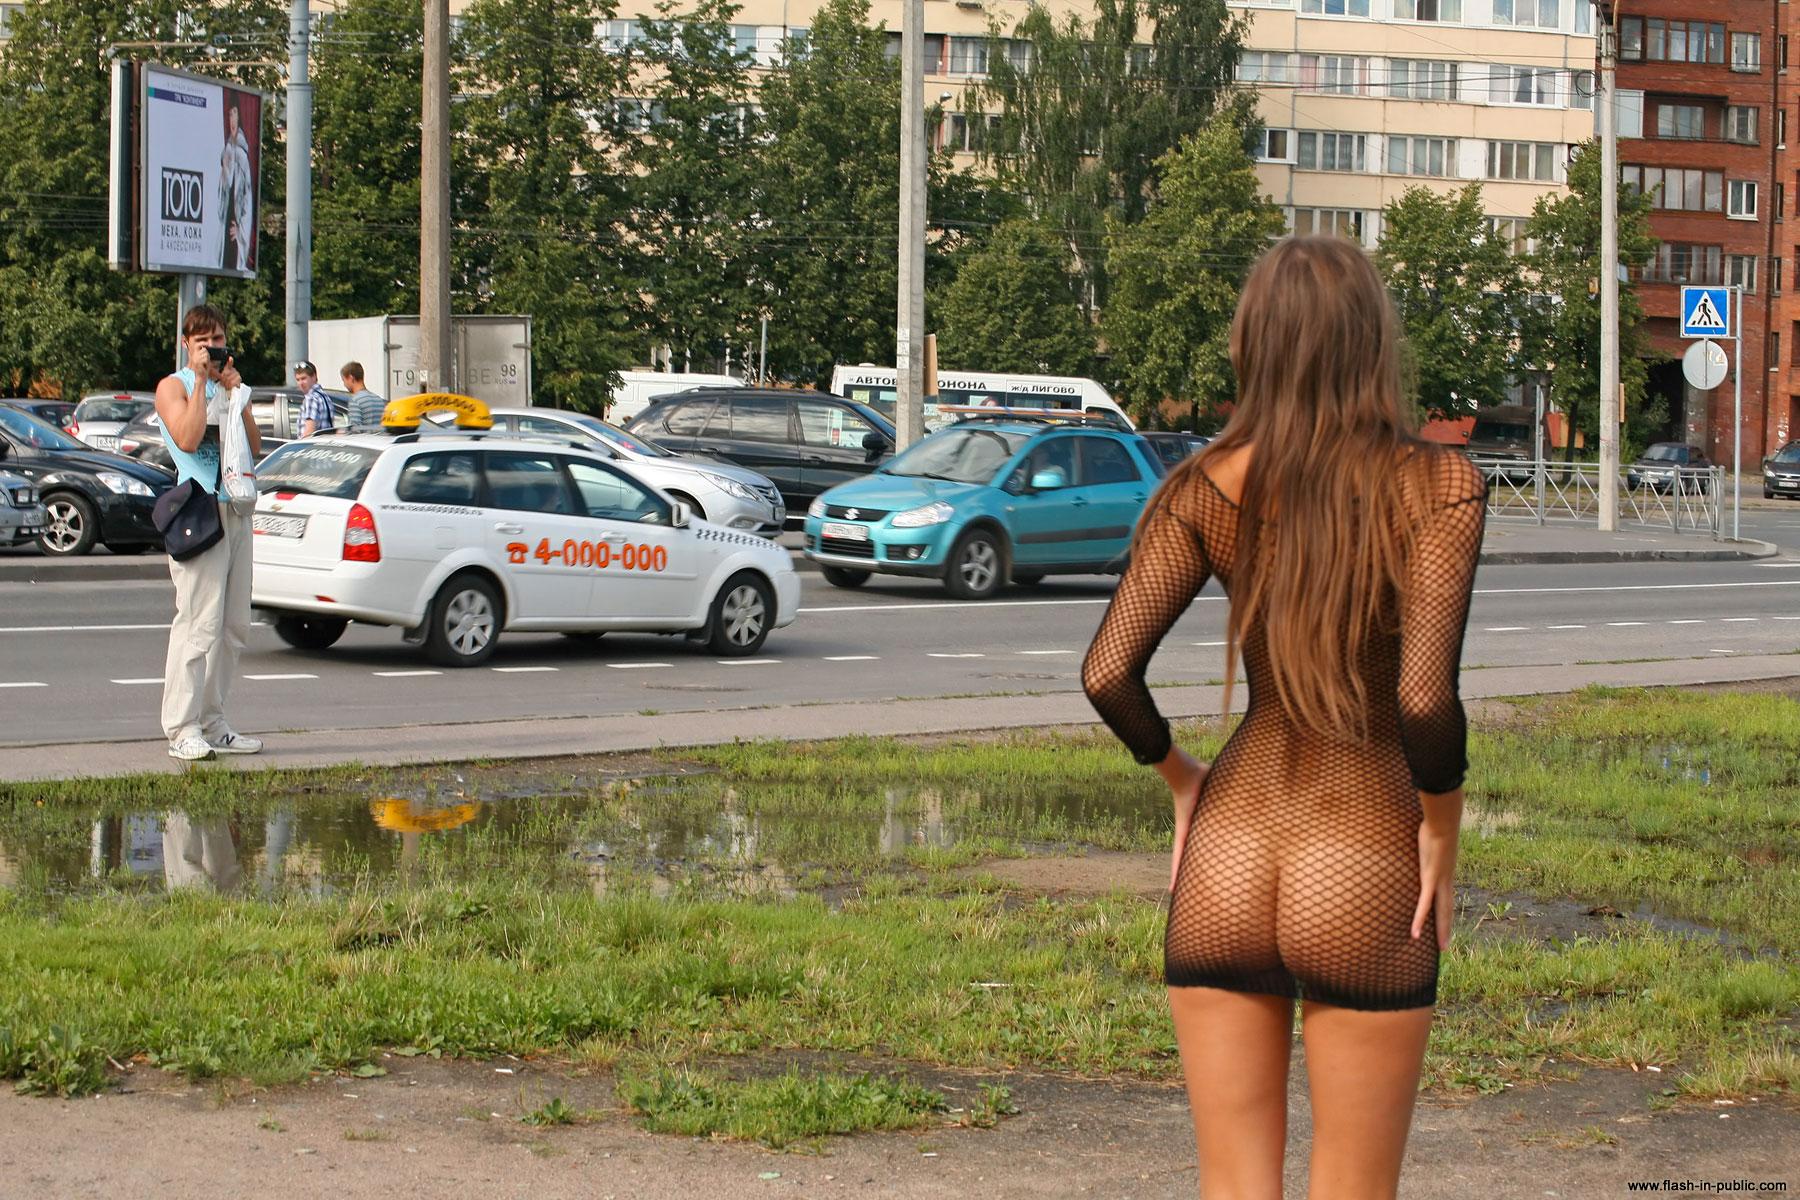 melena a nude public